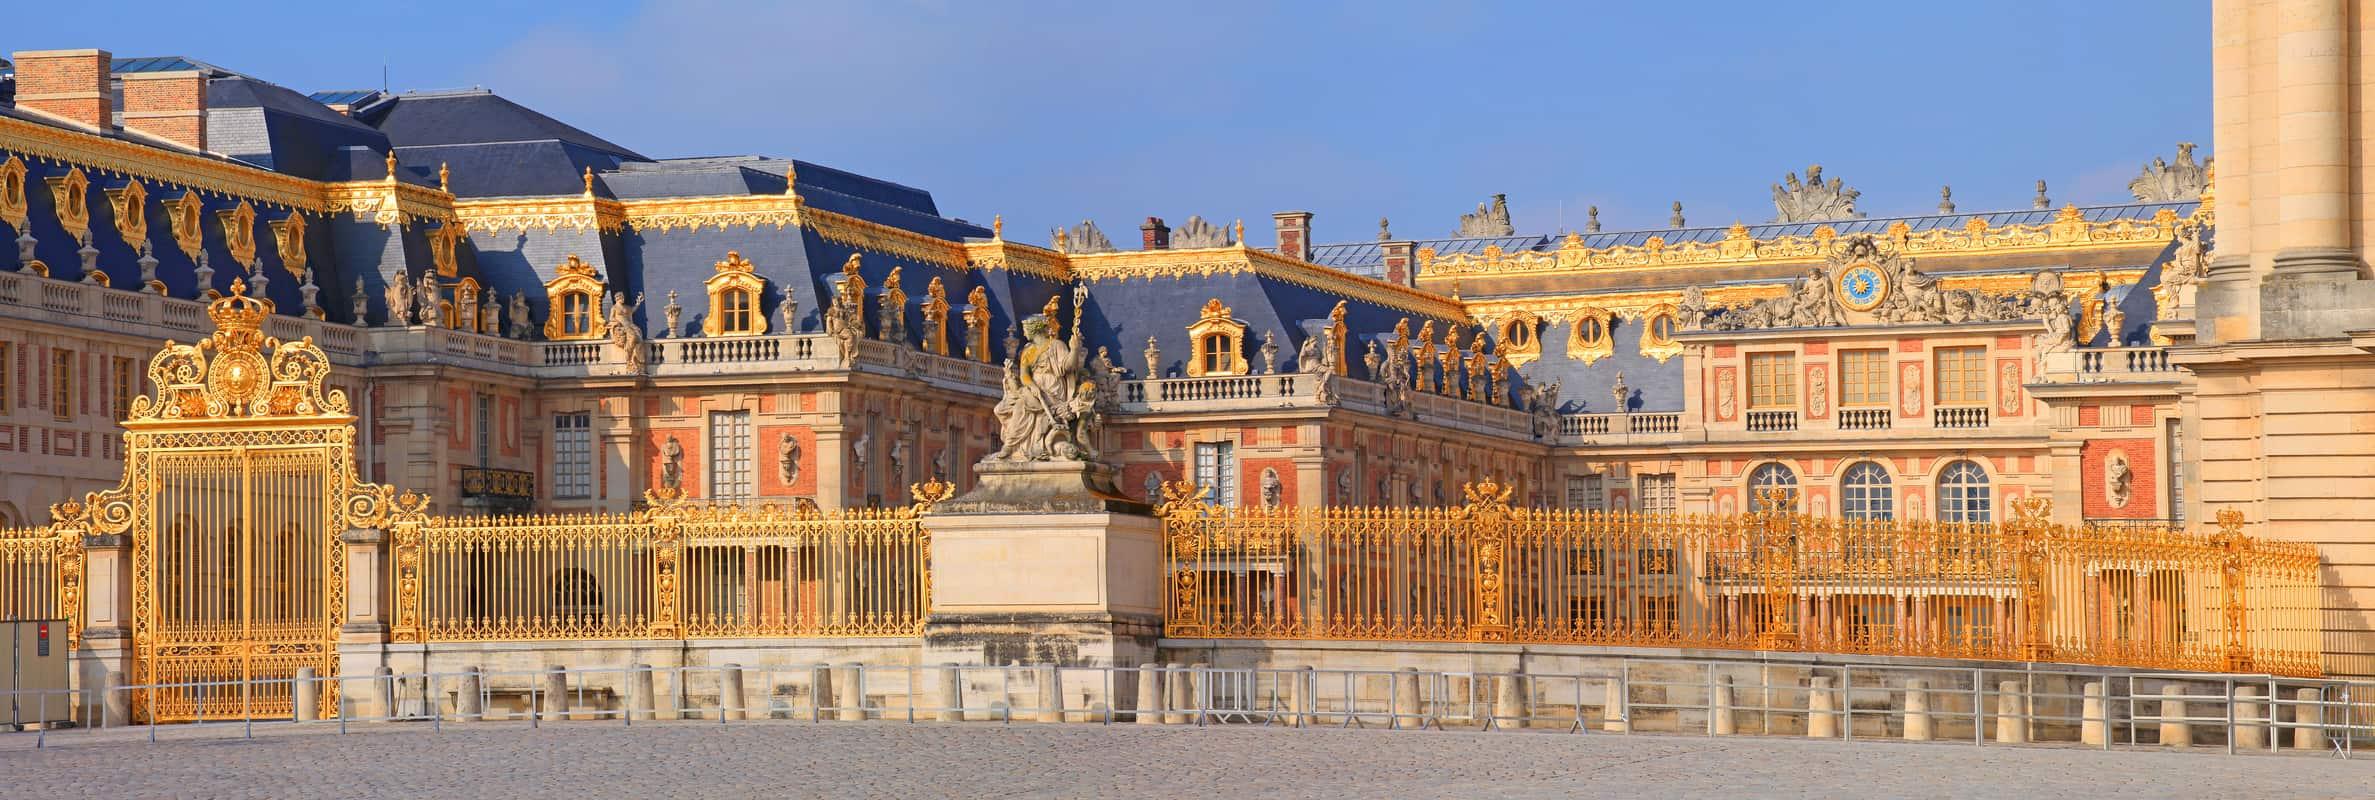 EHE France tours